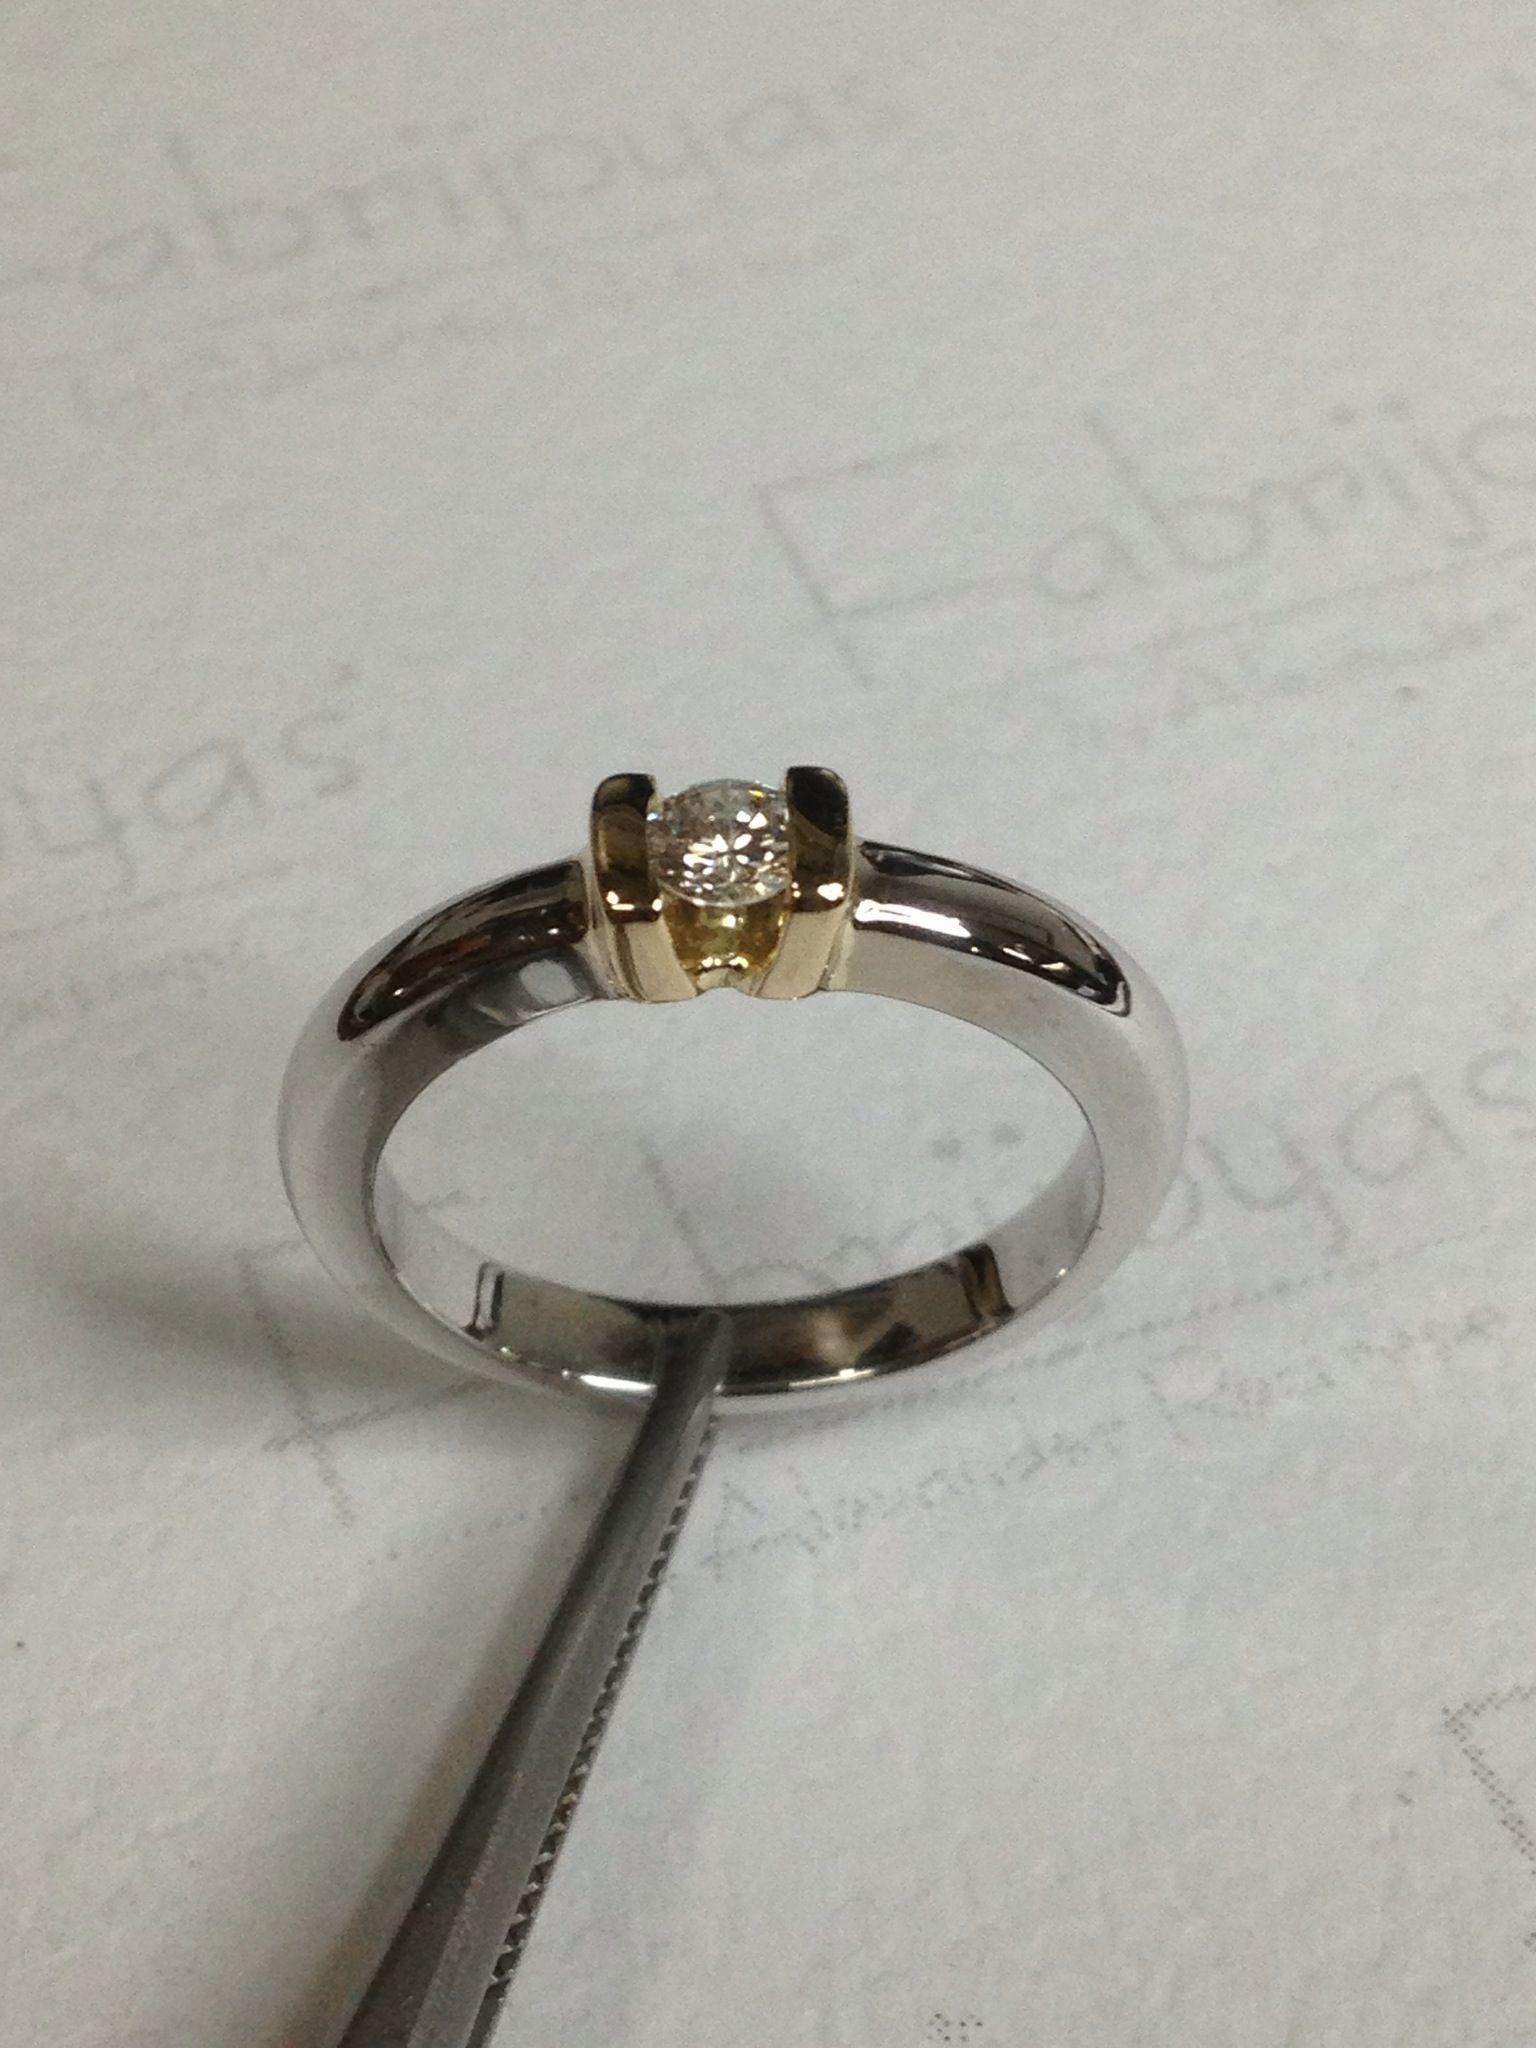 85f1e6e52772 Anillo compromiso bicolor con diamante 0.13 ct. (Fabrijoyas ...